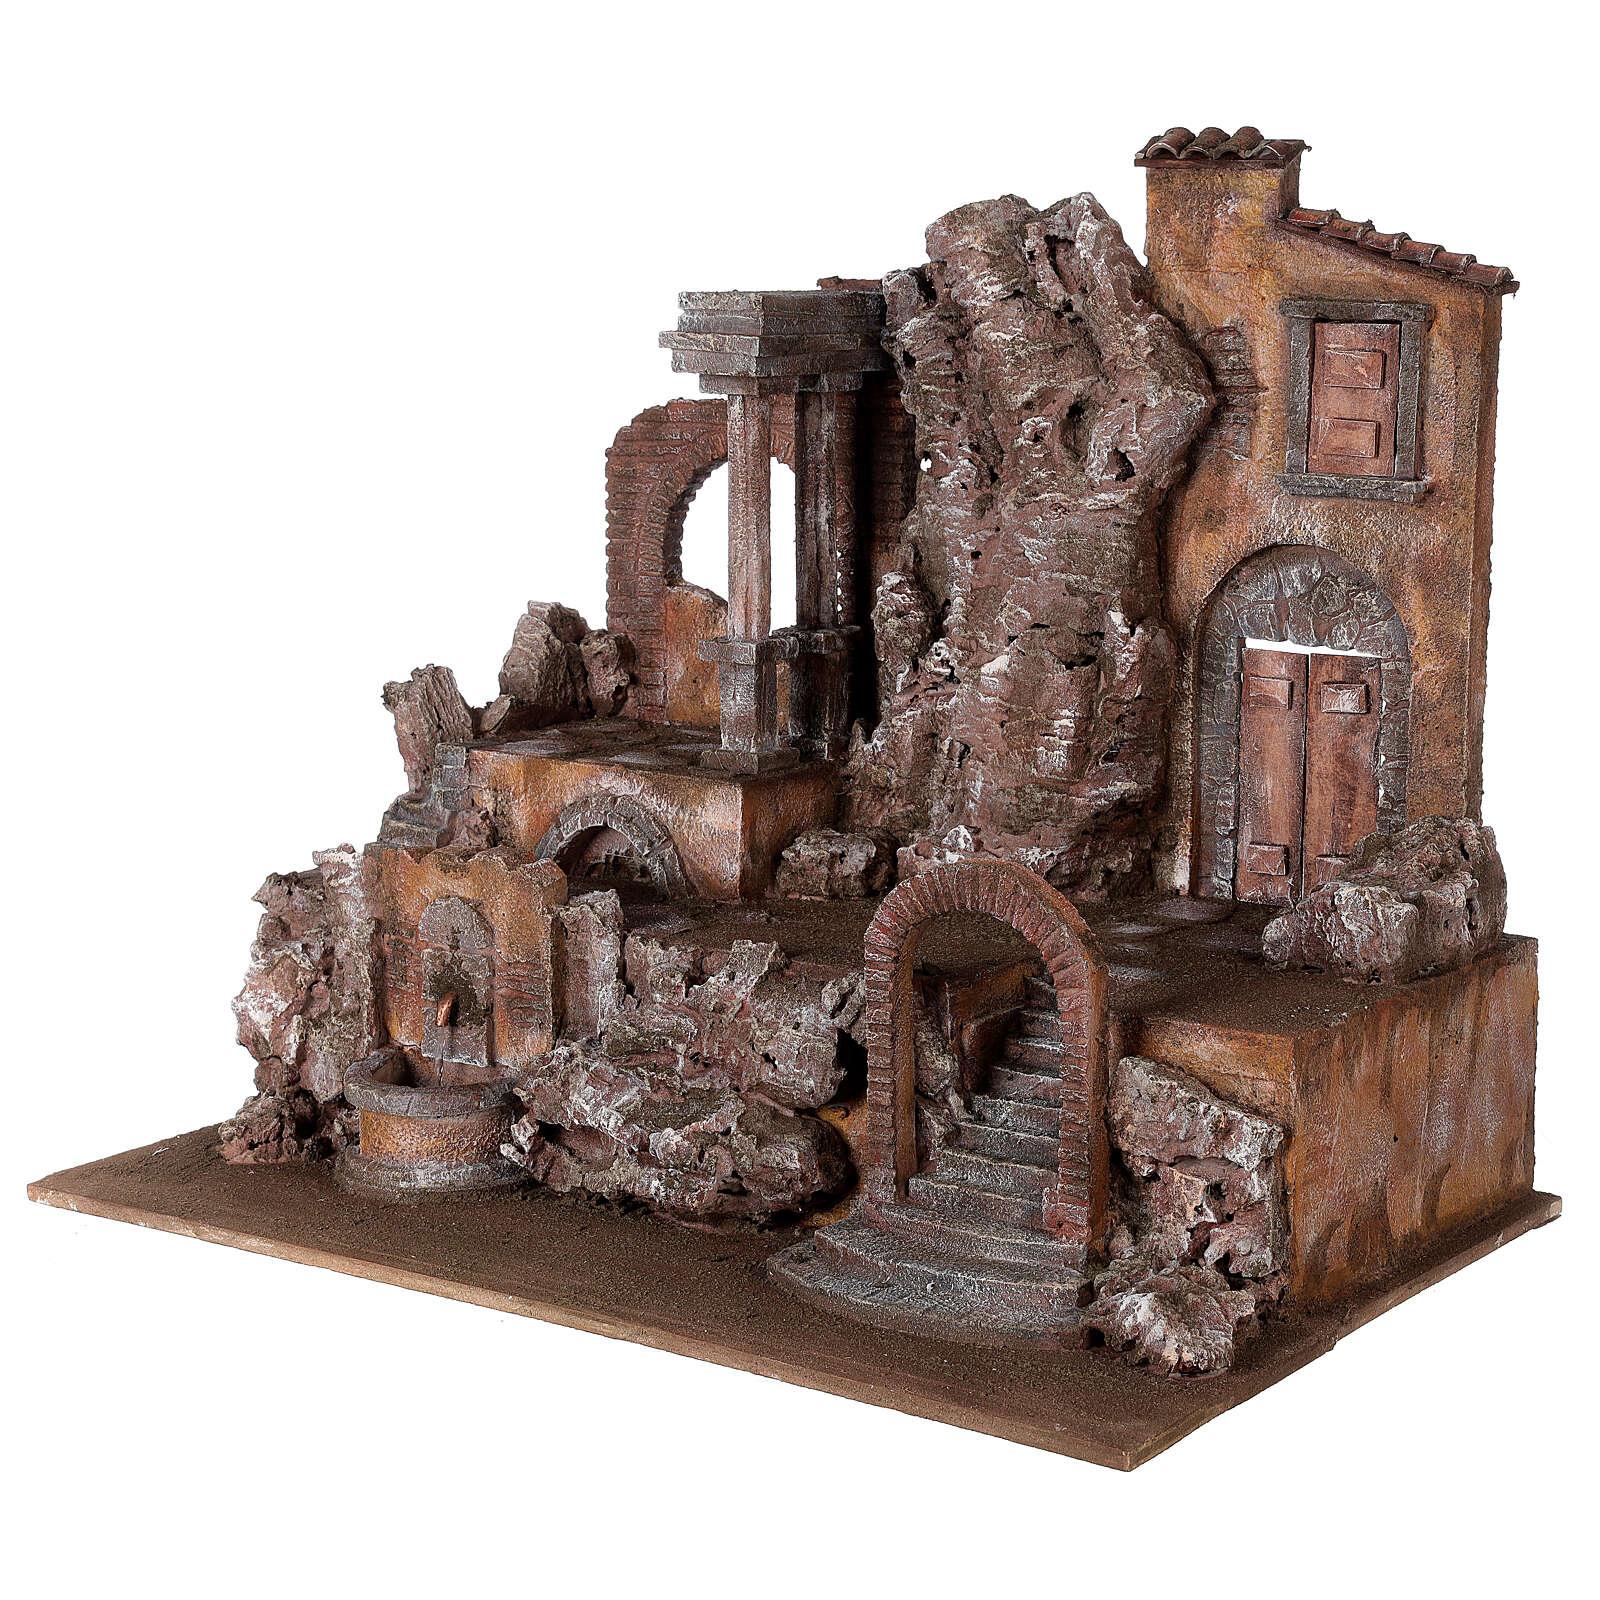 Borgo presepe illuminato con fontanella 55x60x40 per statue 12 cm 4